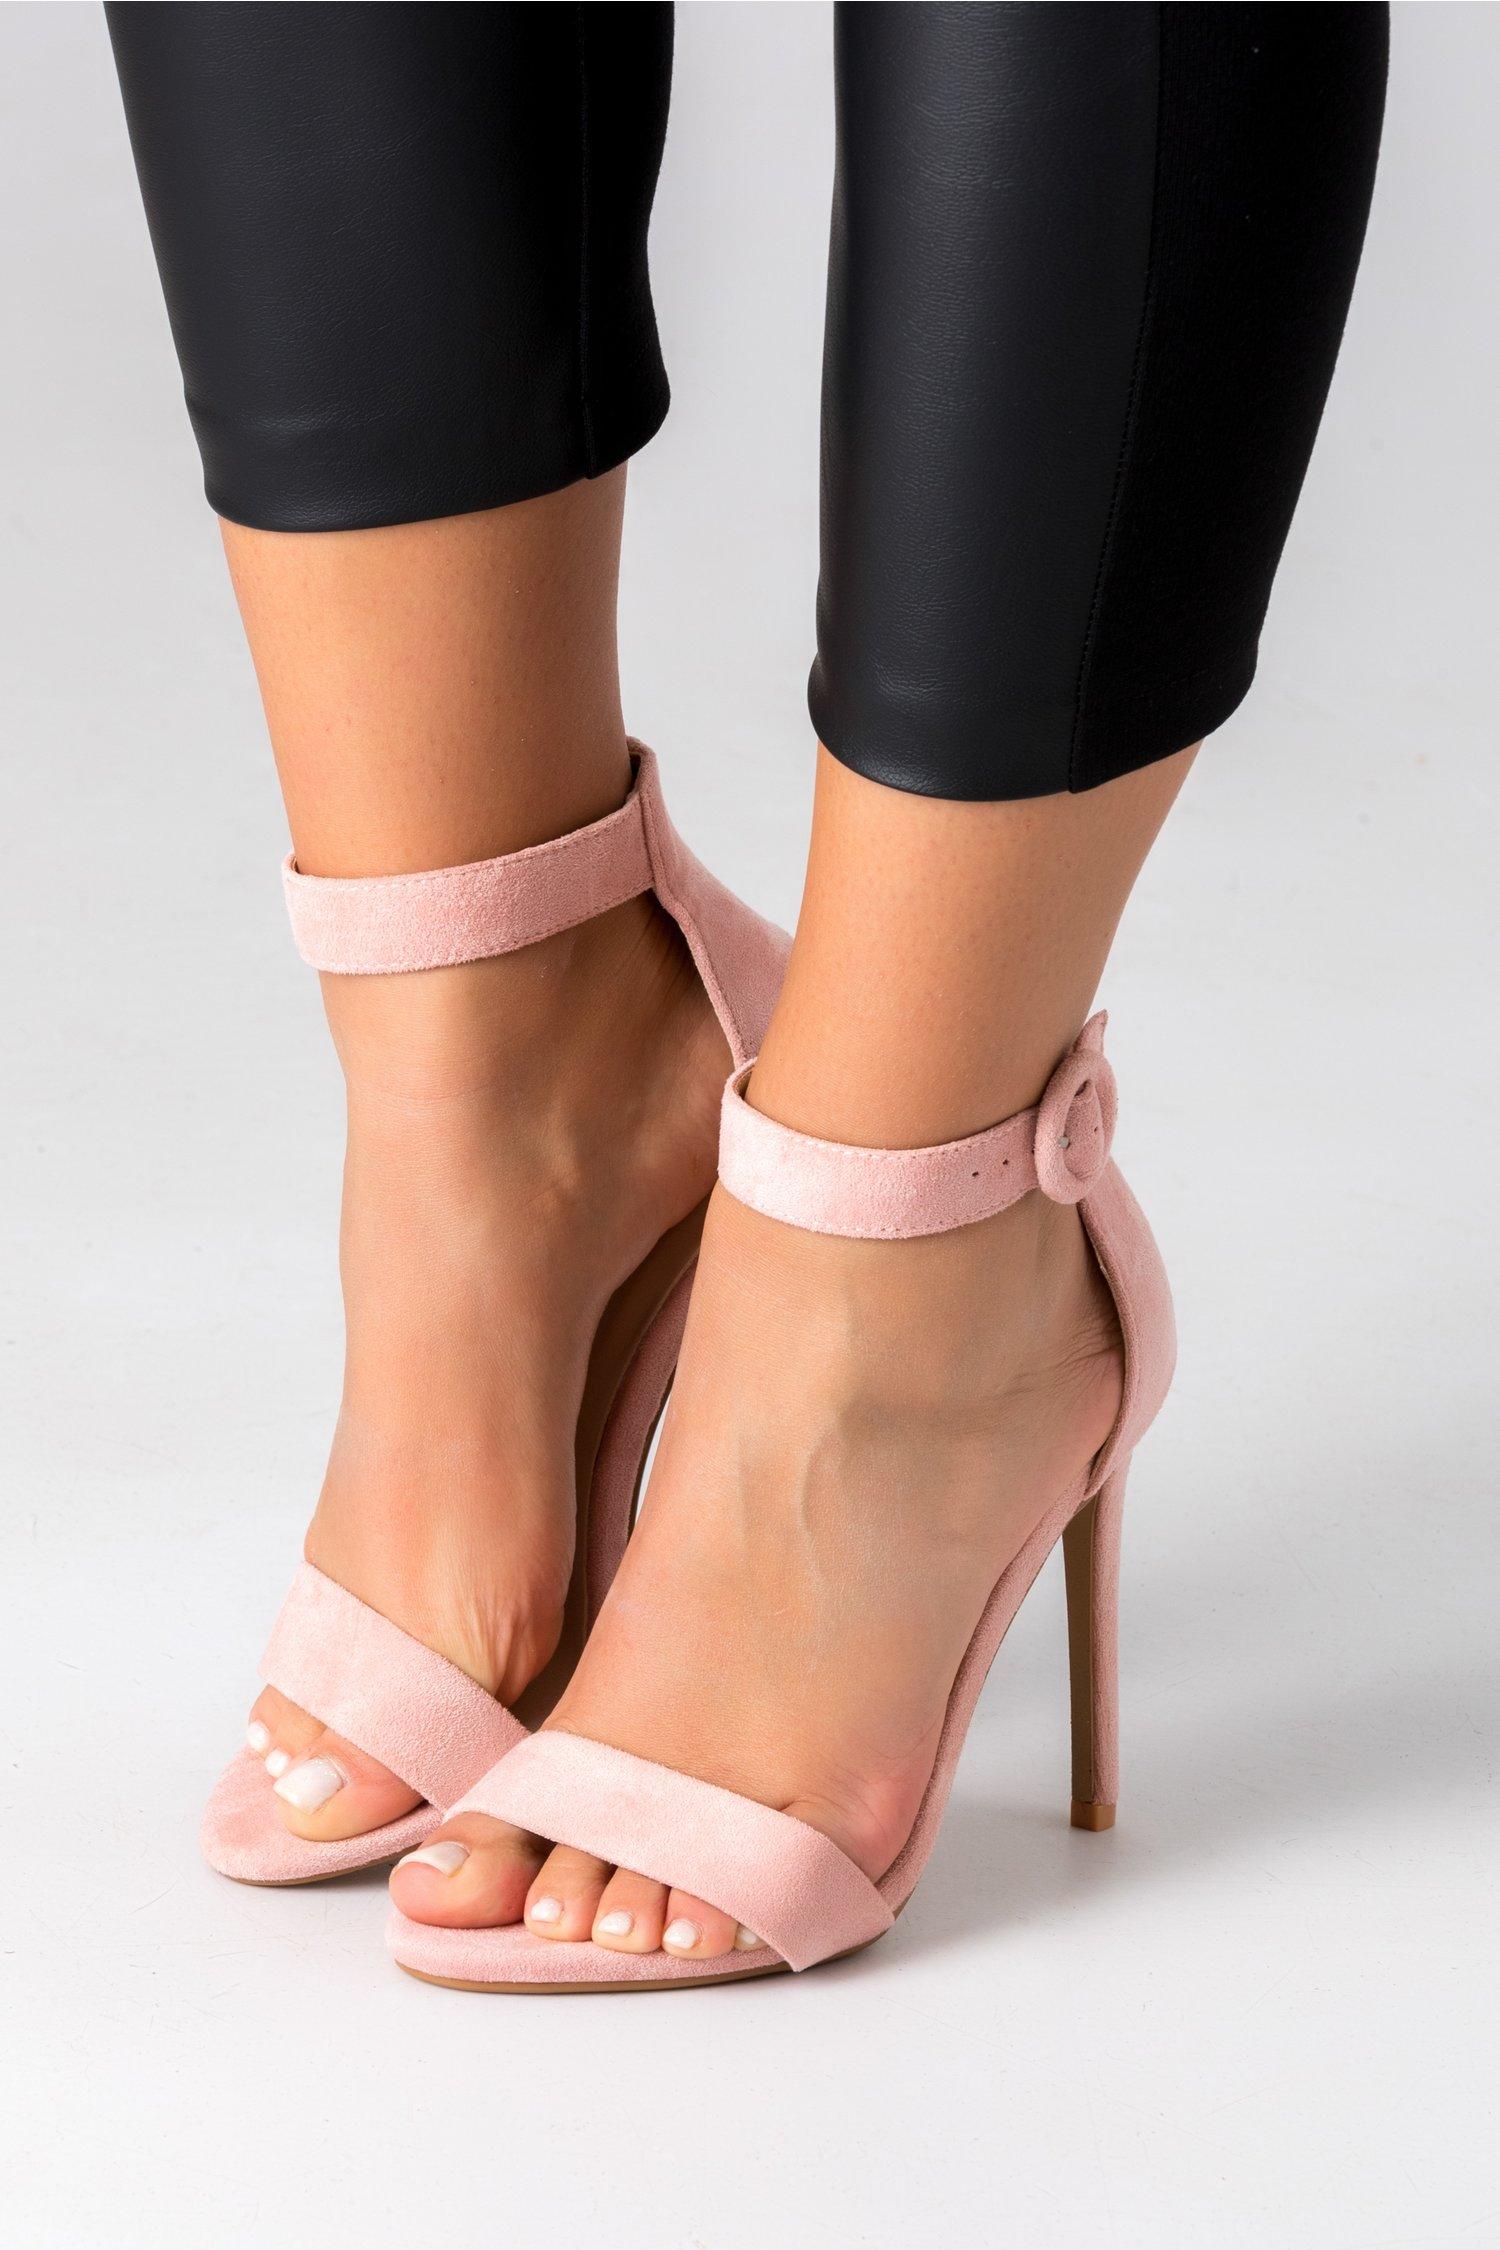 Pantofi roz cu bereta si toc ascutit